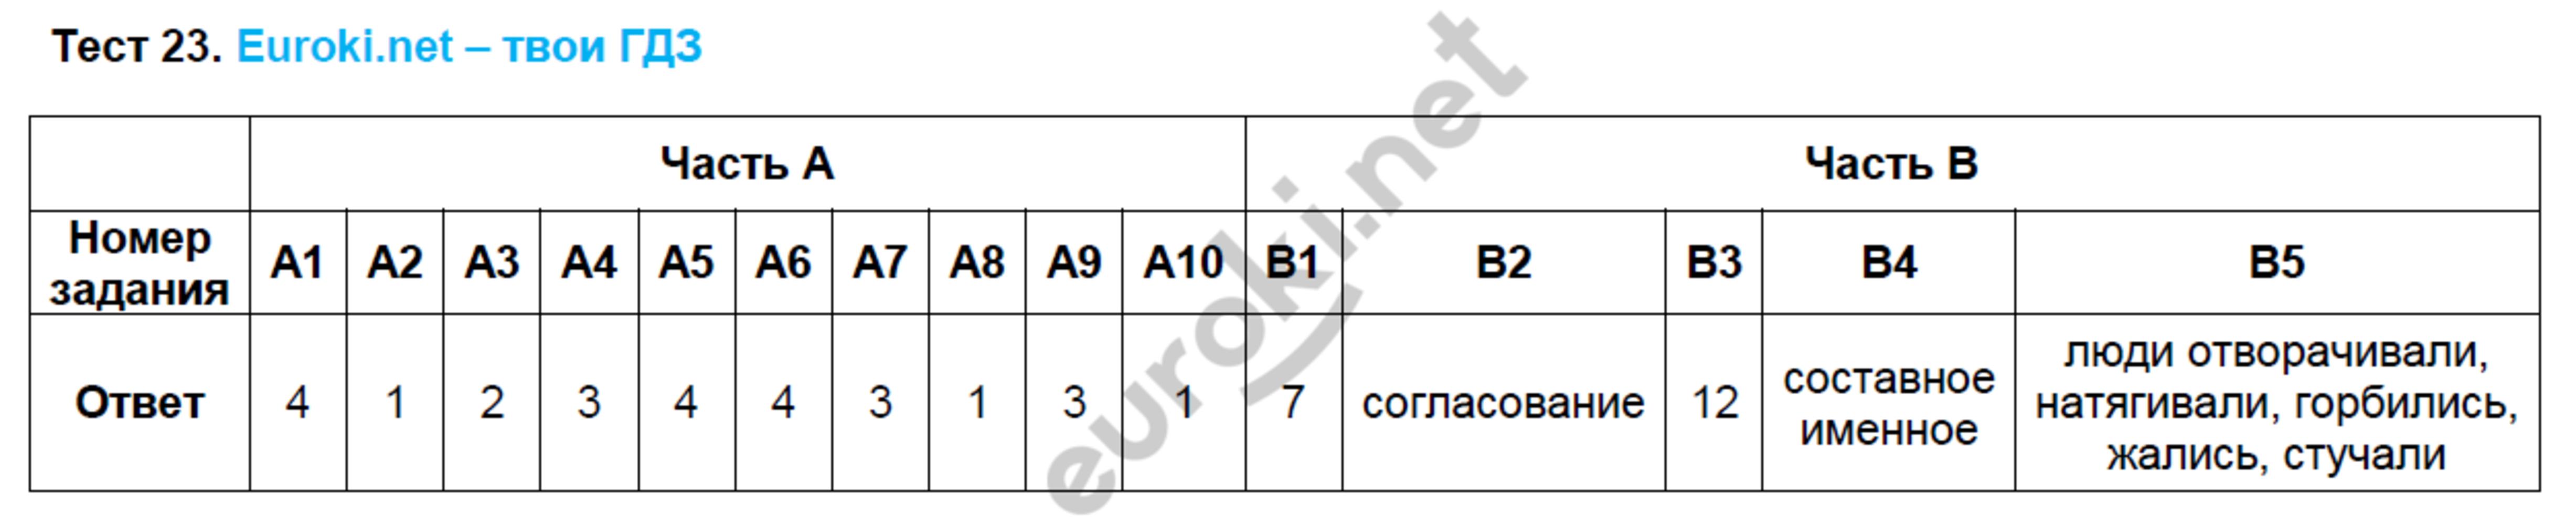 ГДЗ по русскому языку 8 класс тесты Груздева, Разумовская Экзамен ответы и решения онлайн. Задание: Тест 23